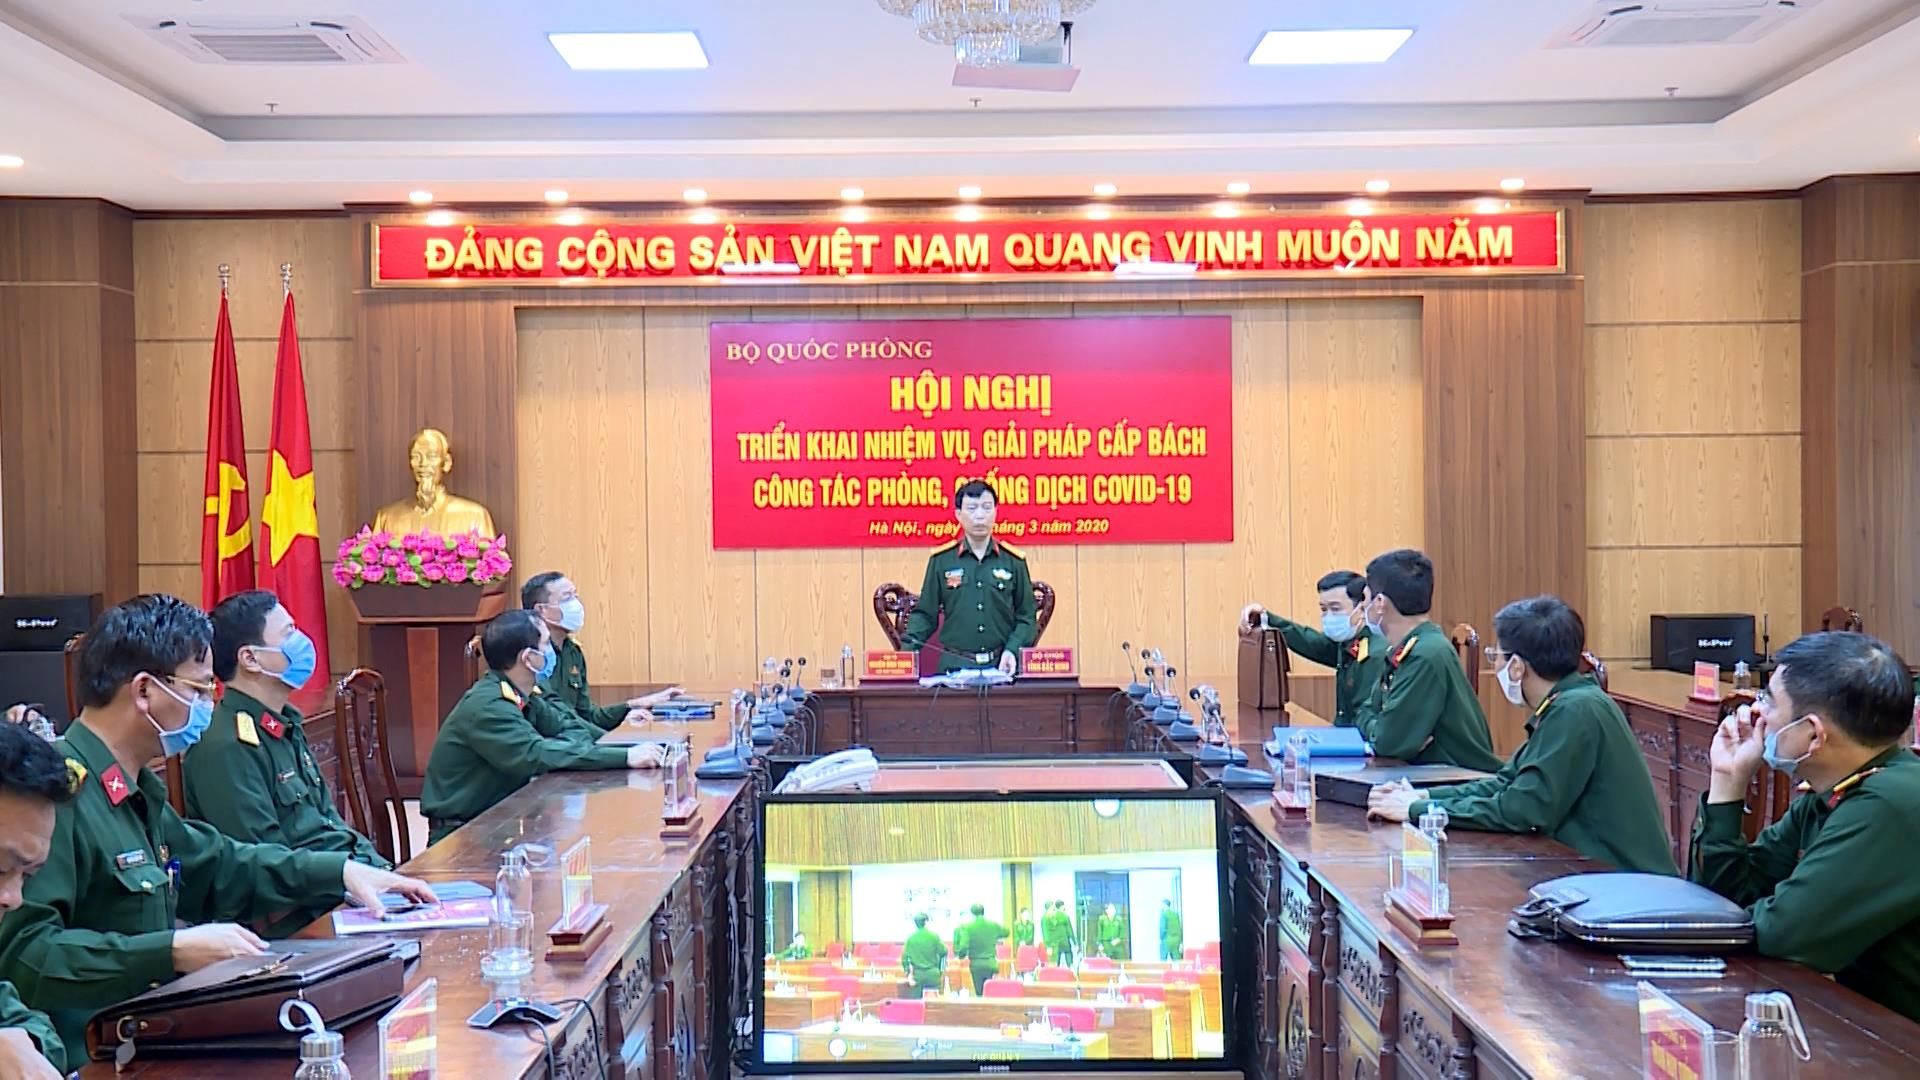 Bộ Quốc phòng triển khai nhiệm vụ, giải pháp cấp bách phòng, chống dịch